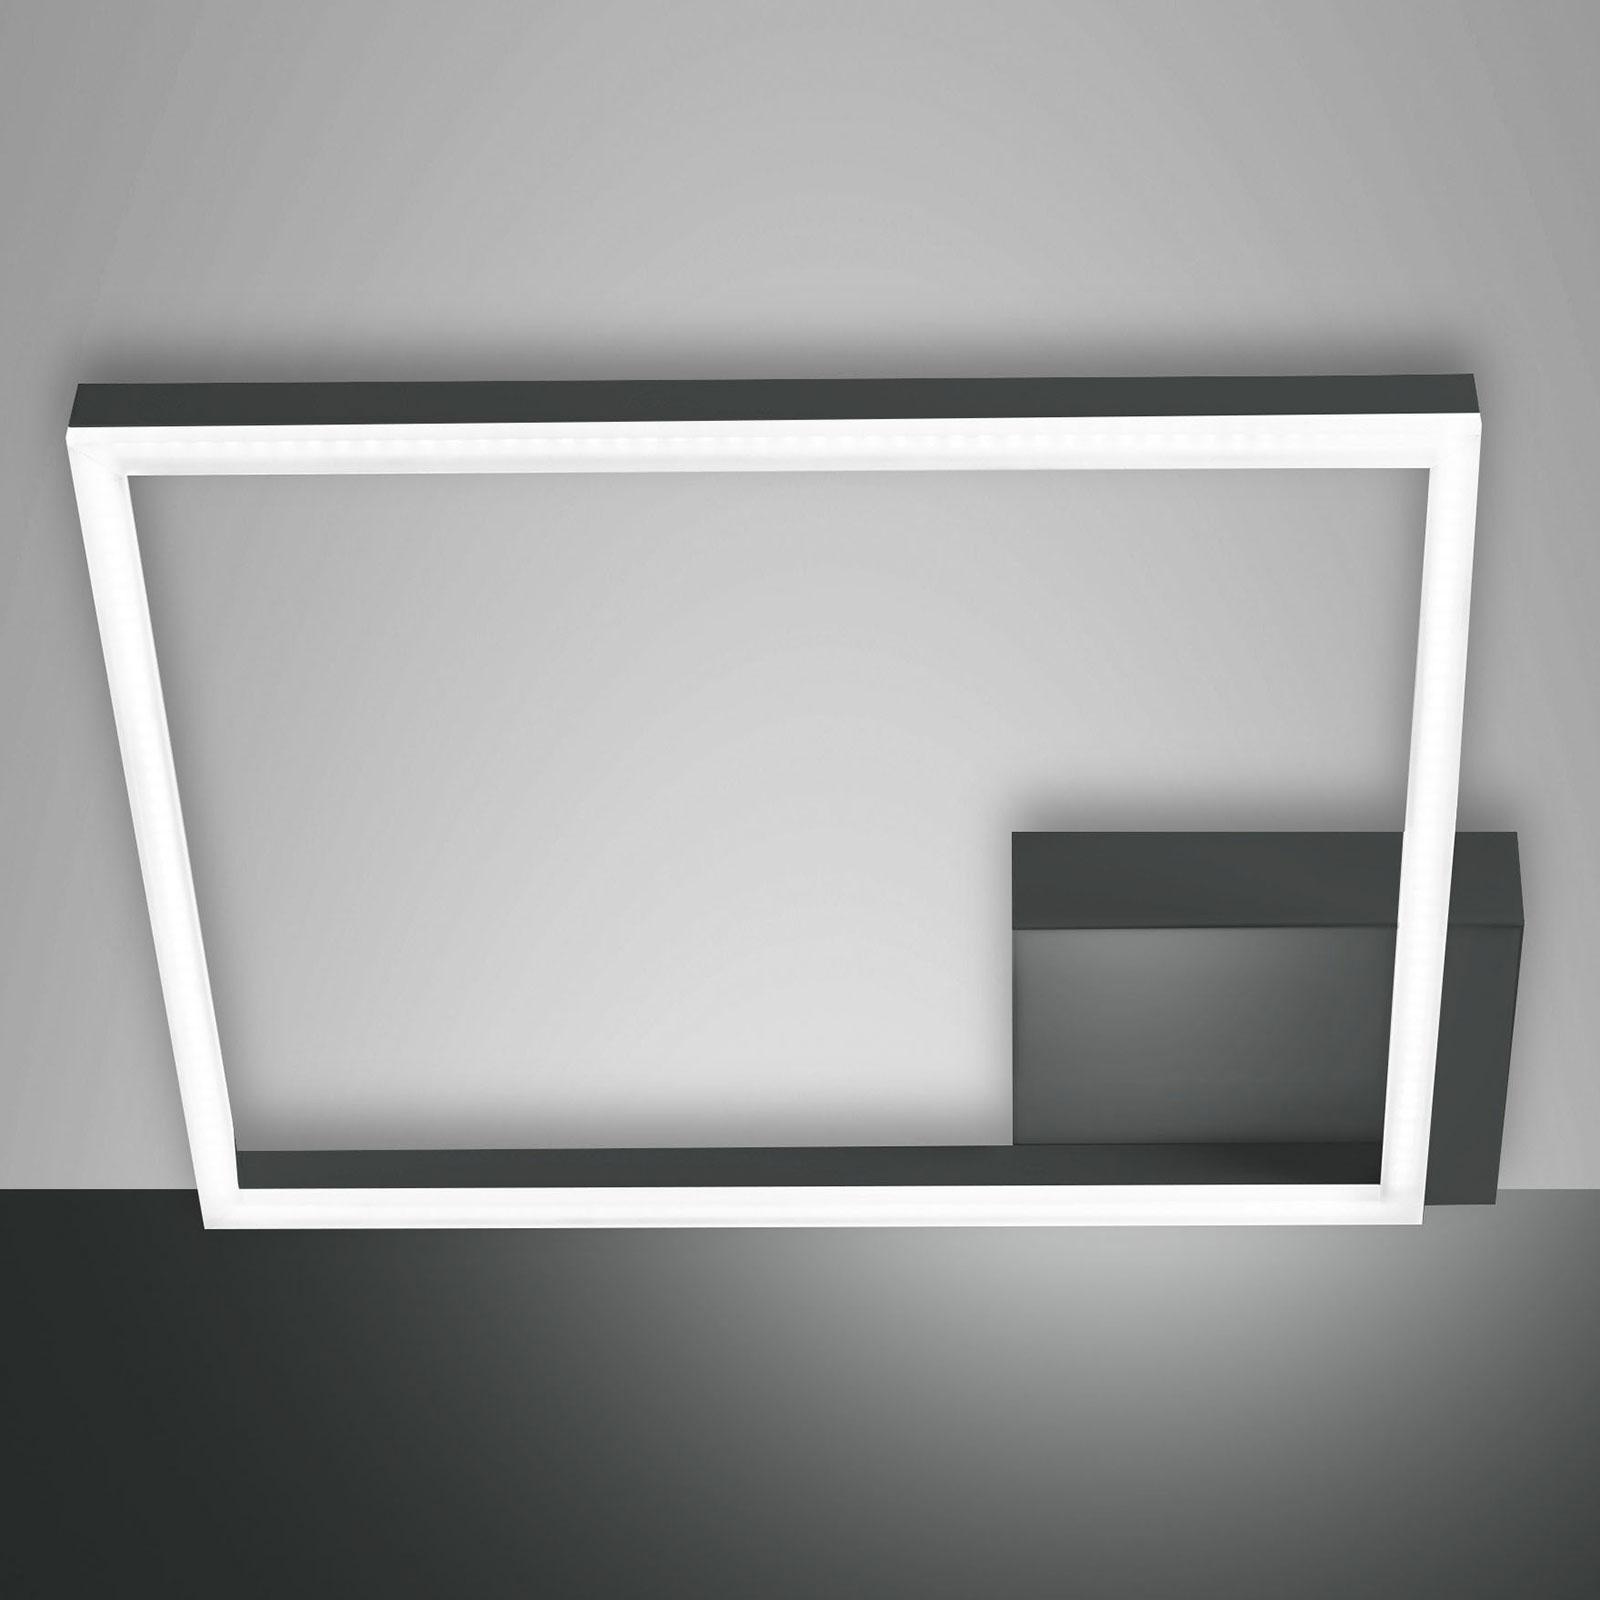 Bard LED-taklampe, 42x42 cm, antrasitt